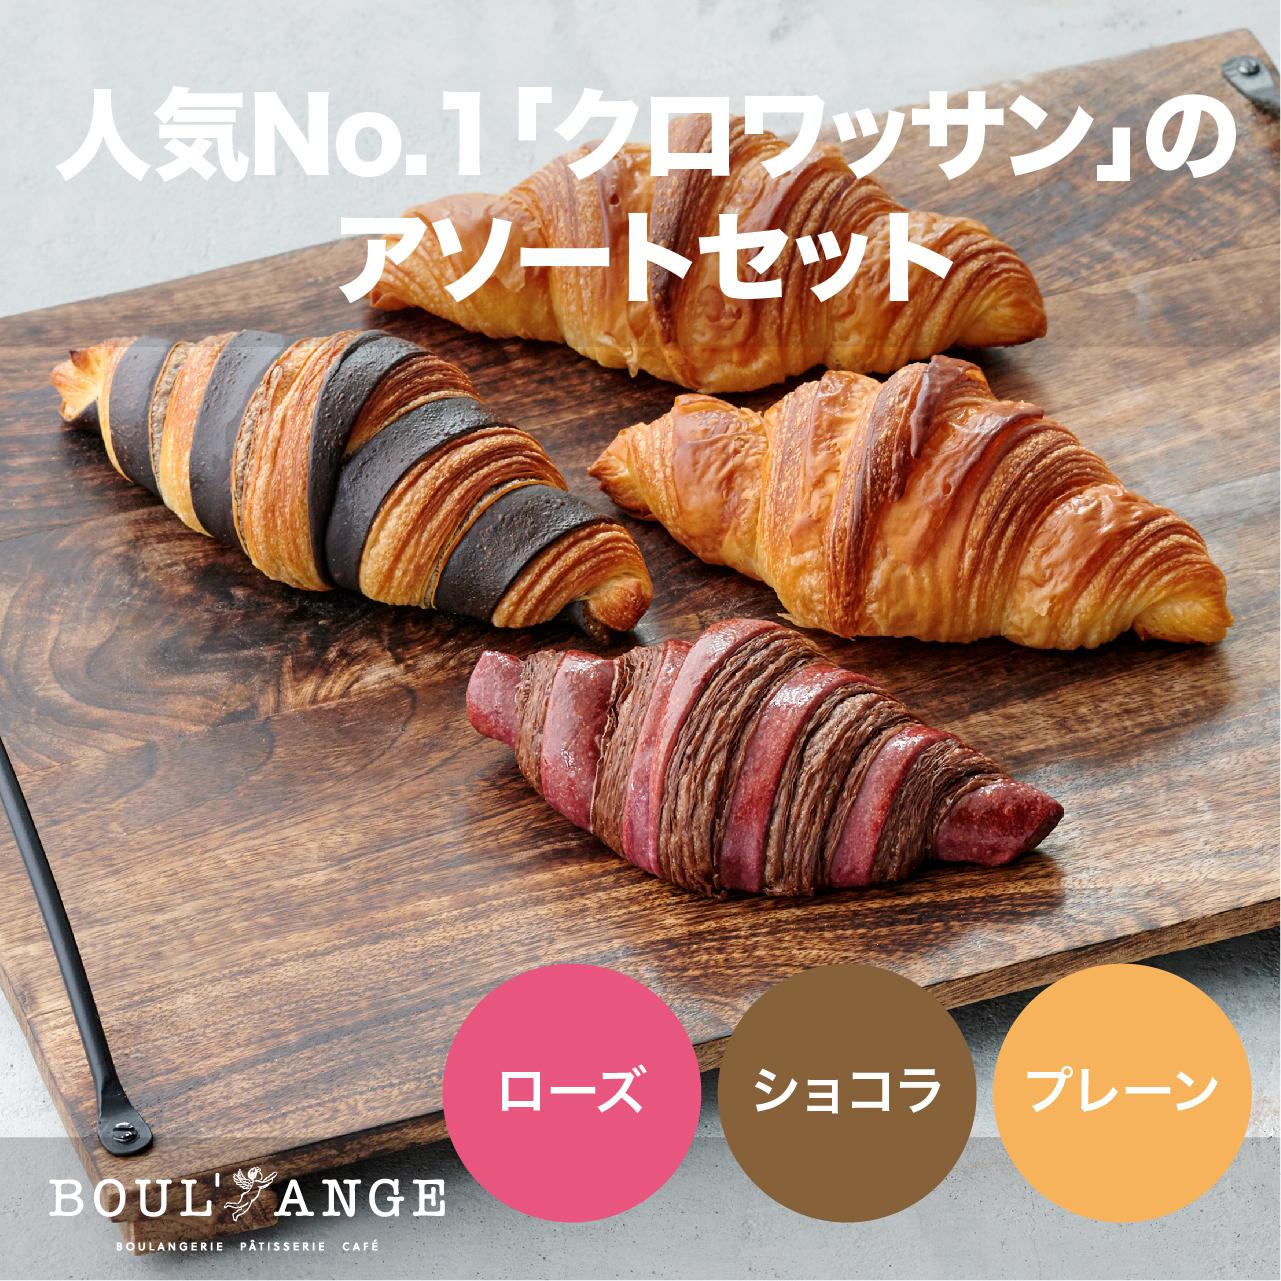 【BOUL'ANGE】<虎ノ門ヒルズ店限定商品がオンラインショップに登場!>クロワッサンセット(アソート)